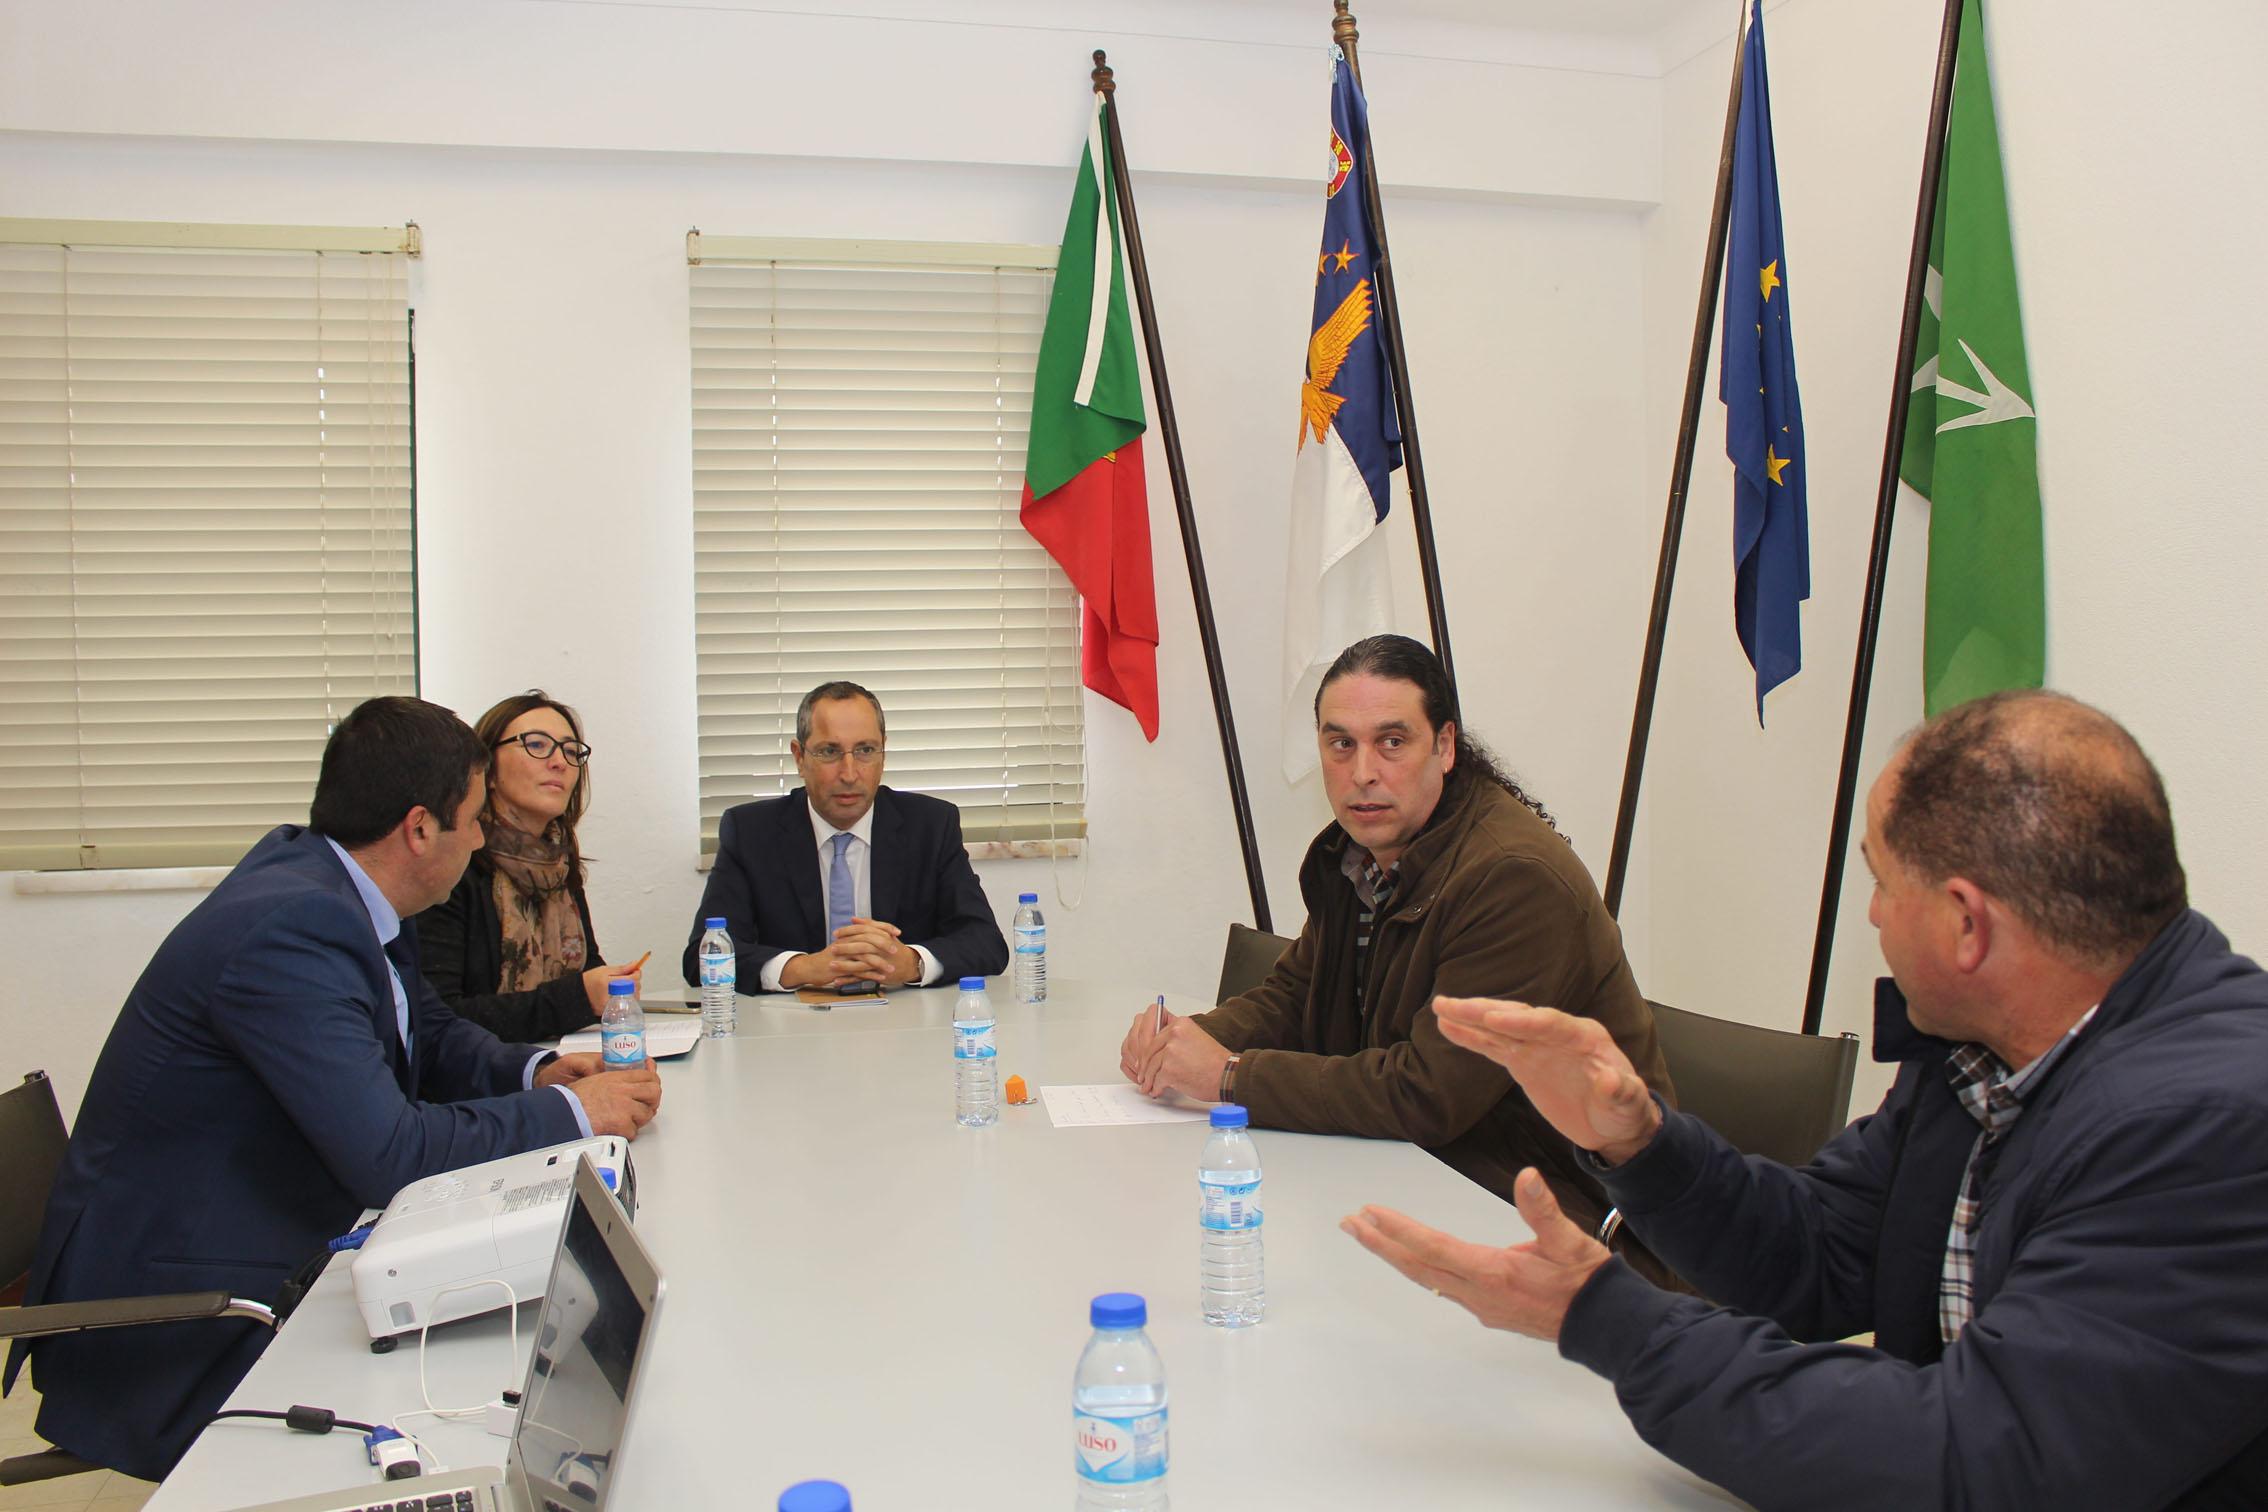 Recuperação financeira das cooperativas em São Jorge gera confiança no futuro do setor agrícola, afirma João Ponte